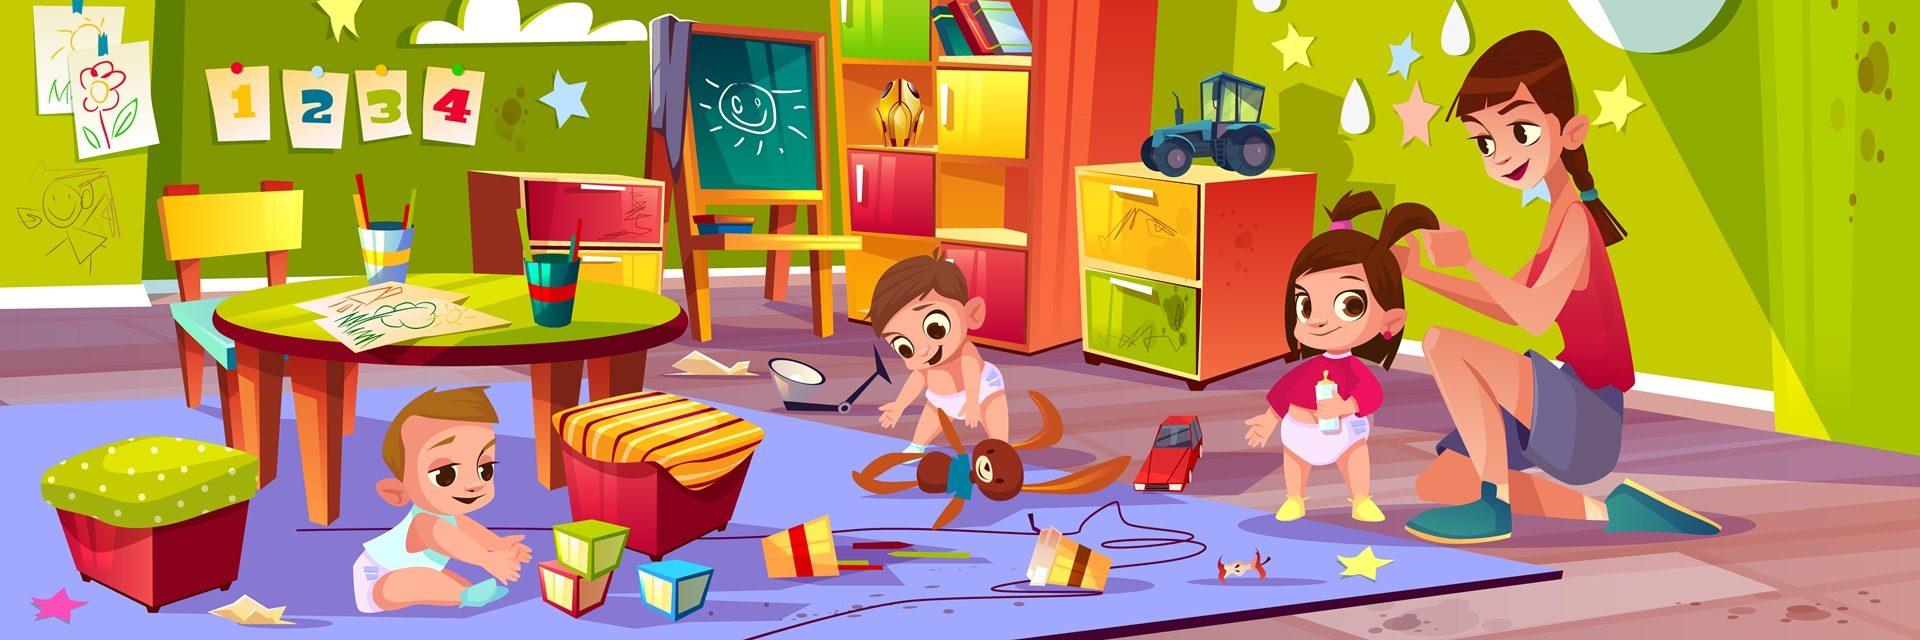 Halte Garderie Nos Chérubins - Inscrivez votre enfant